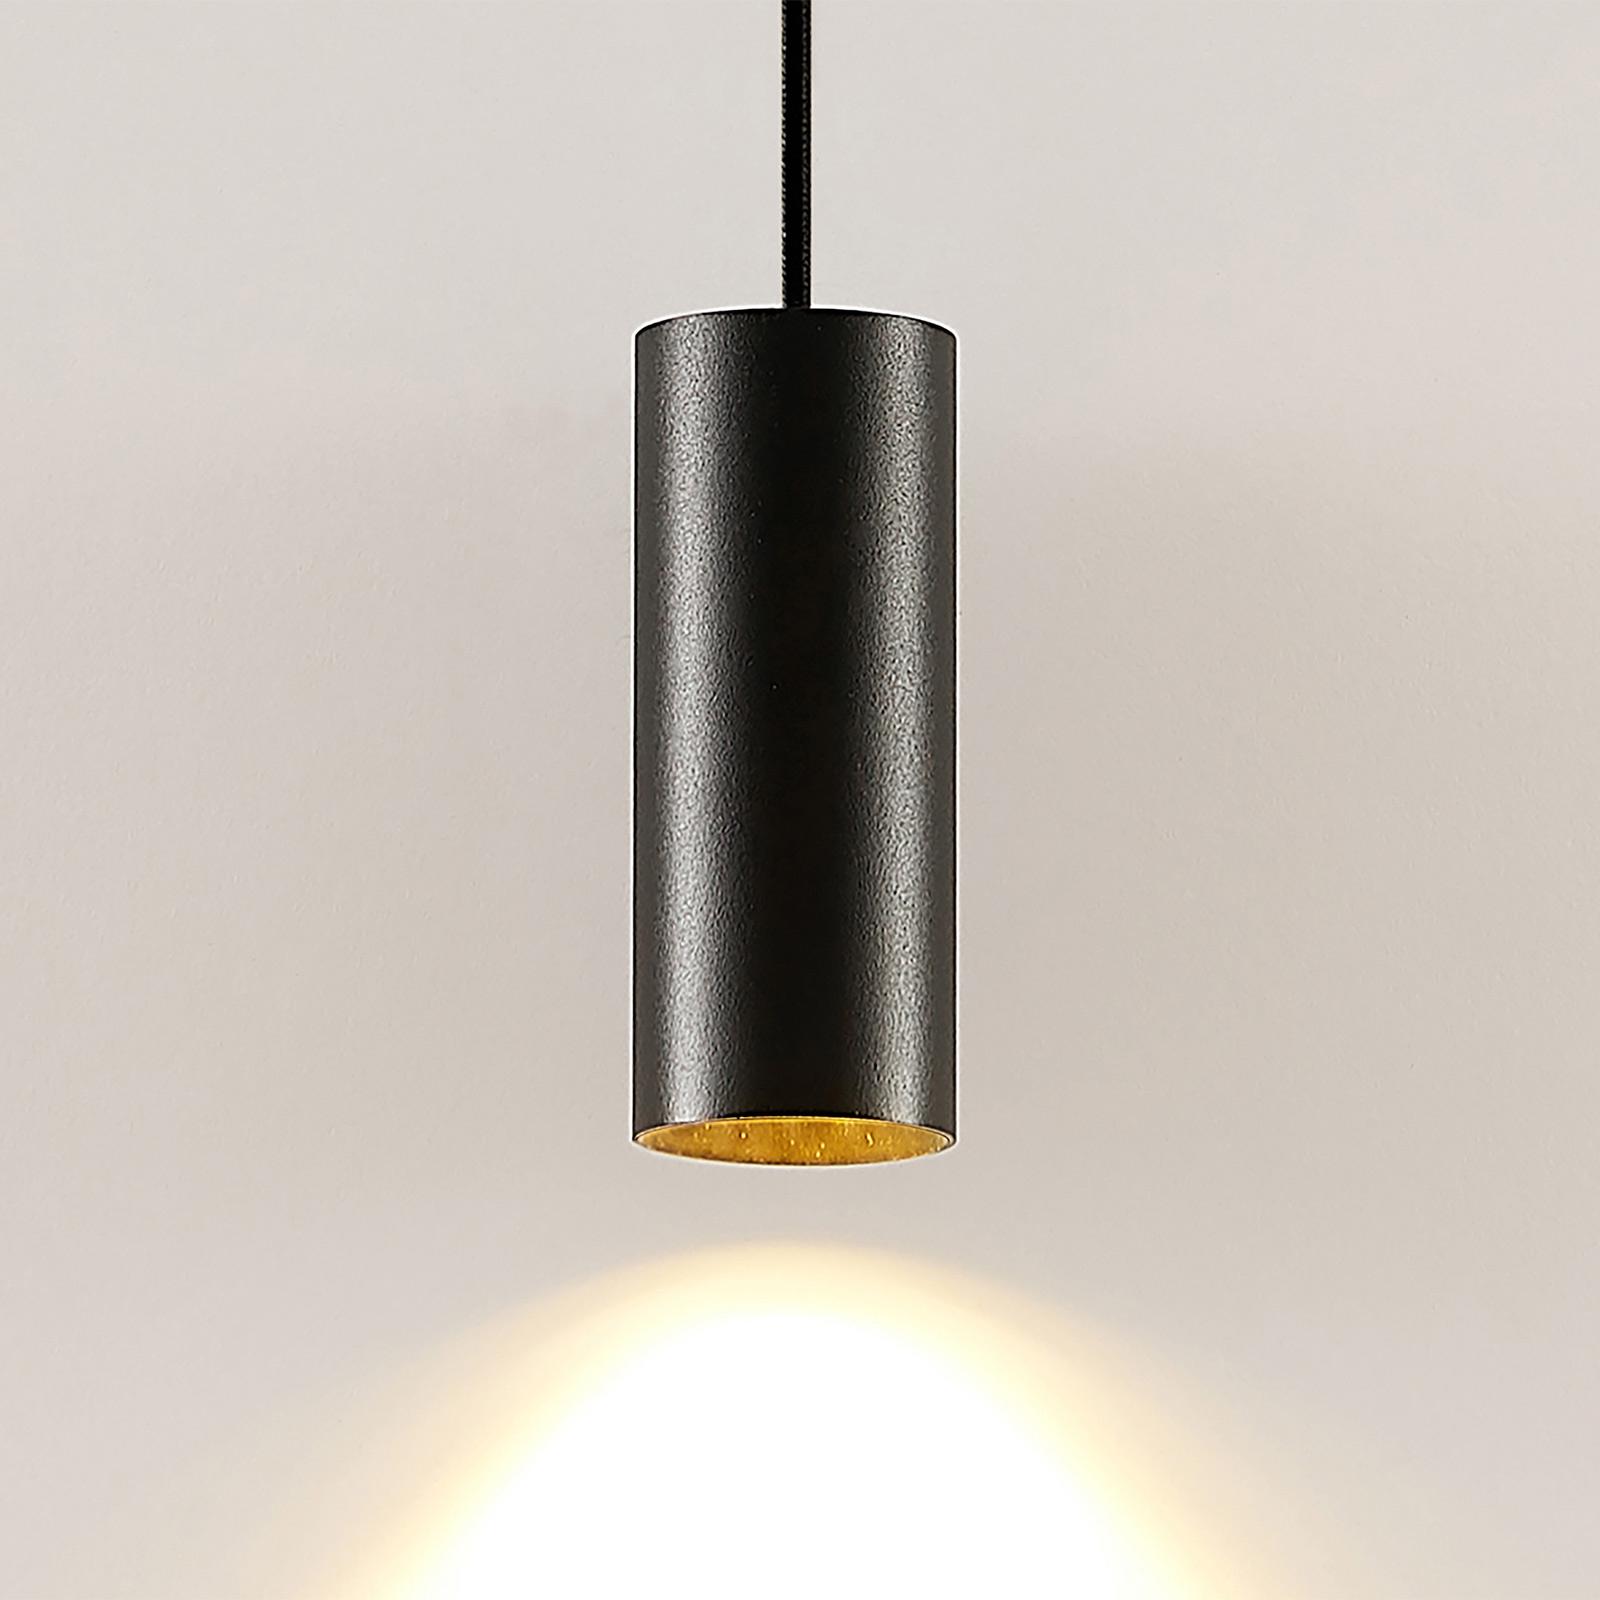 Arcchio Ejona závěsné světlo, výška 15 cm, černá